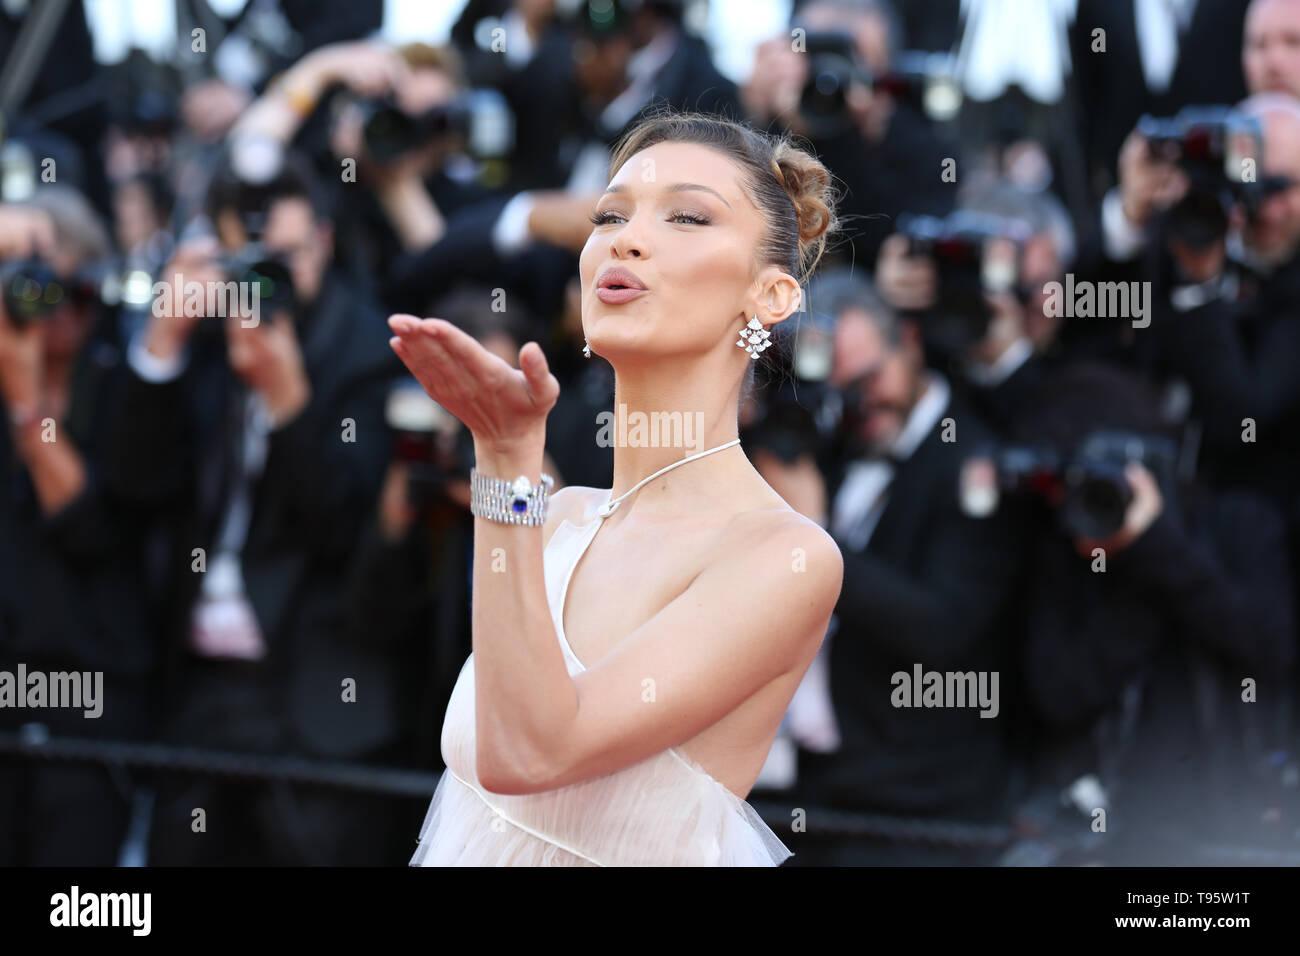 CANNES, Francia - 16 de mayo: Bella Hadid asiste a la proyección de 'Rocket Man' durante la 72ª edición del Festival de Cannes (Crédito: Mickael Chavet/Proyecto Amanecer/Alamy Live News) Foto de stock